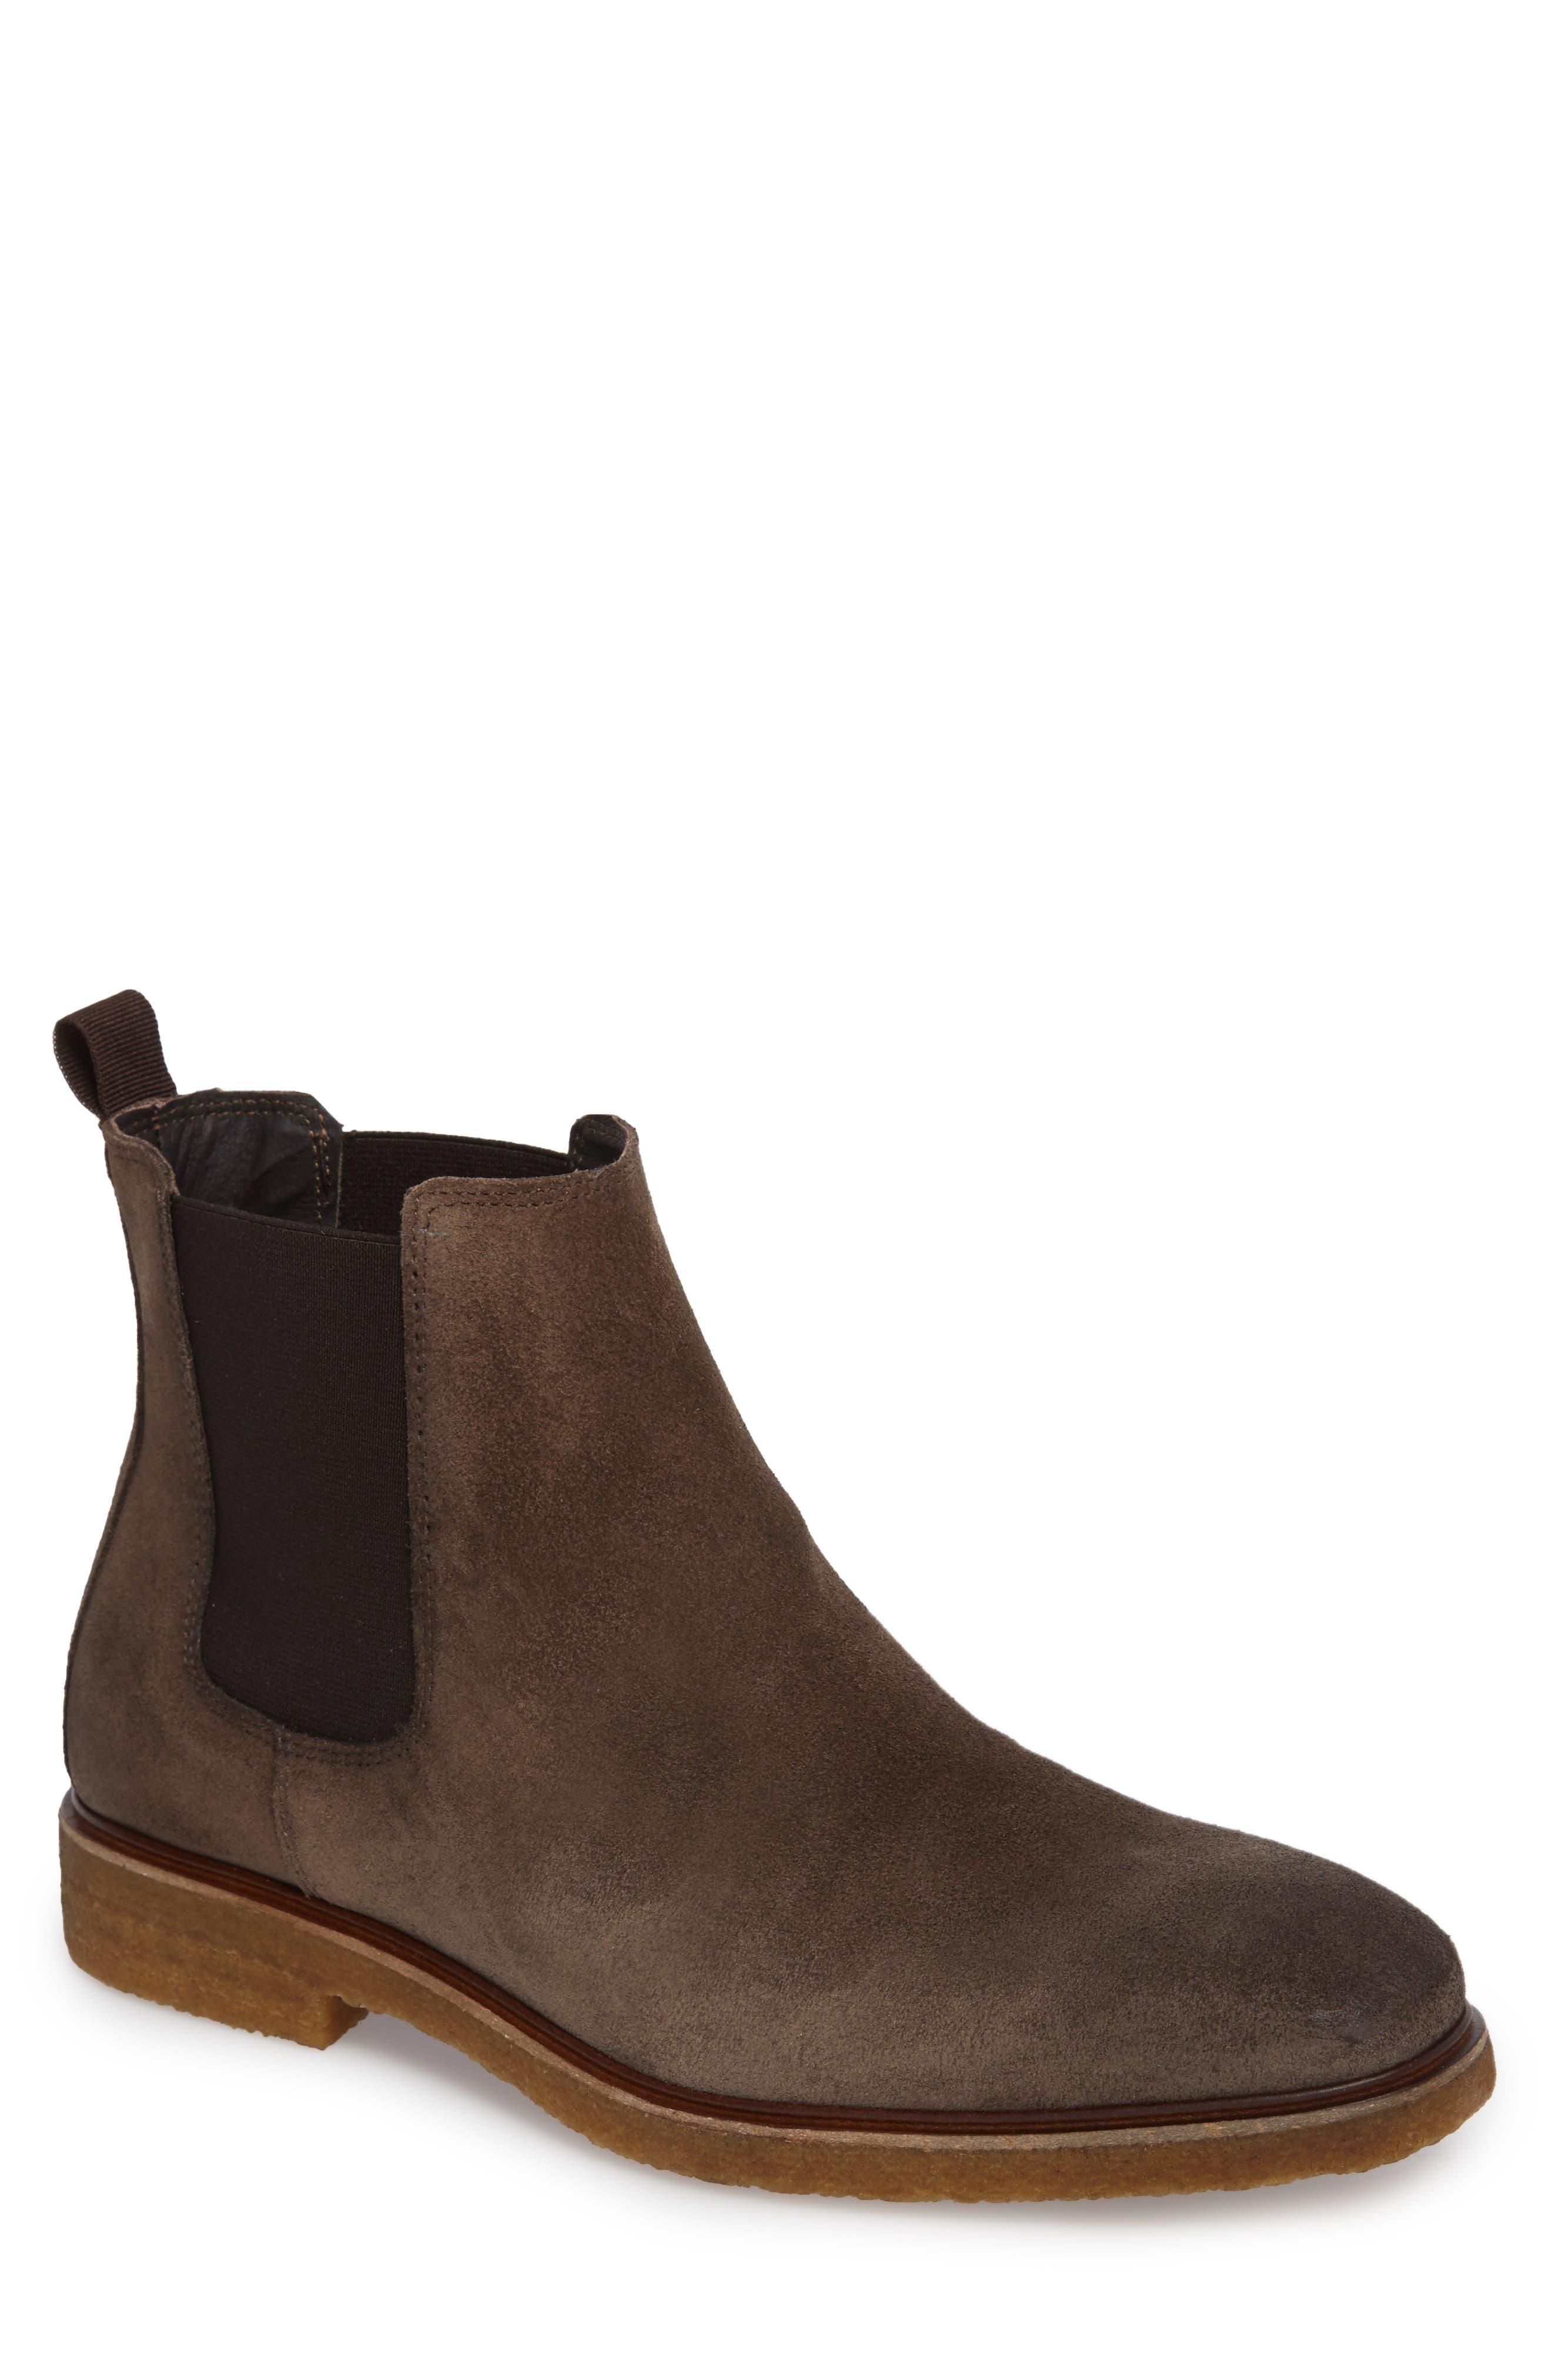 Sullivan Chelsea Boot,                         Main,                         color, 023